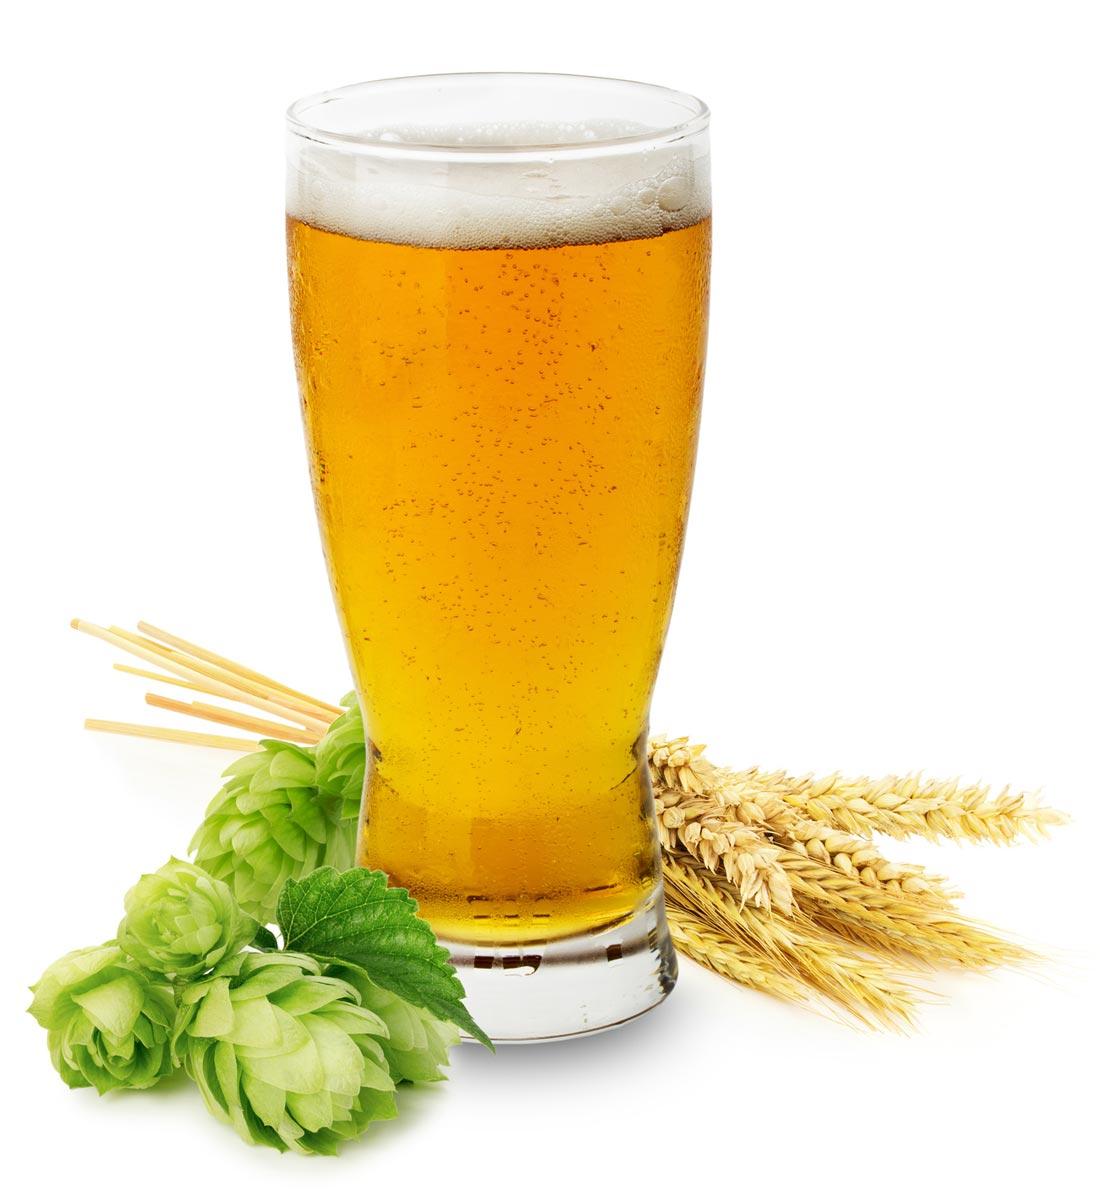 Pivo pro vlasy poslouží jako tužidlo i na zvýšení lesku vlasů.